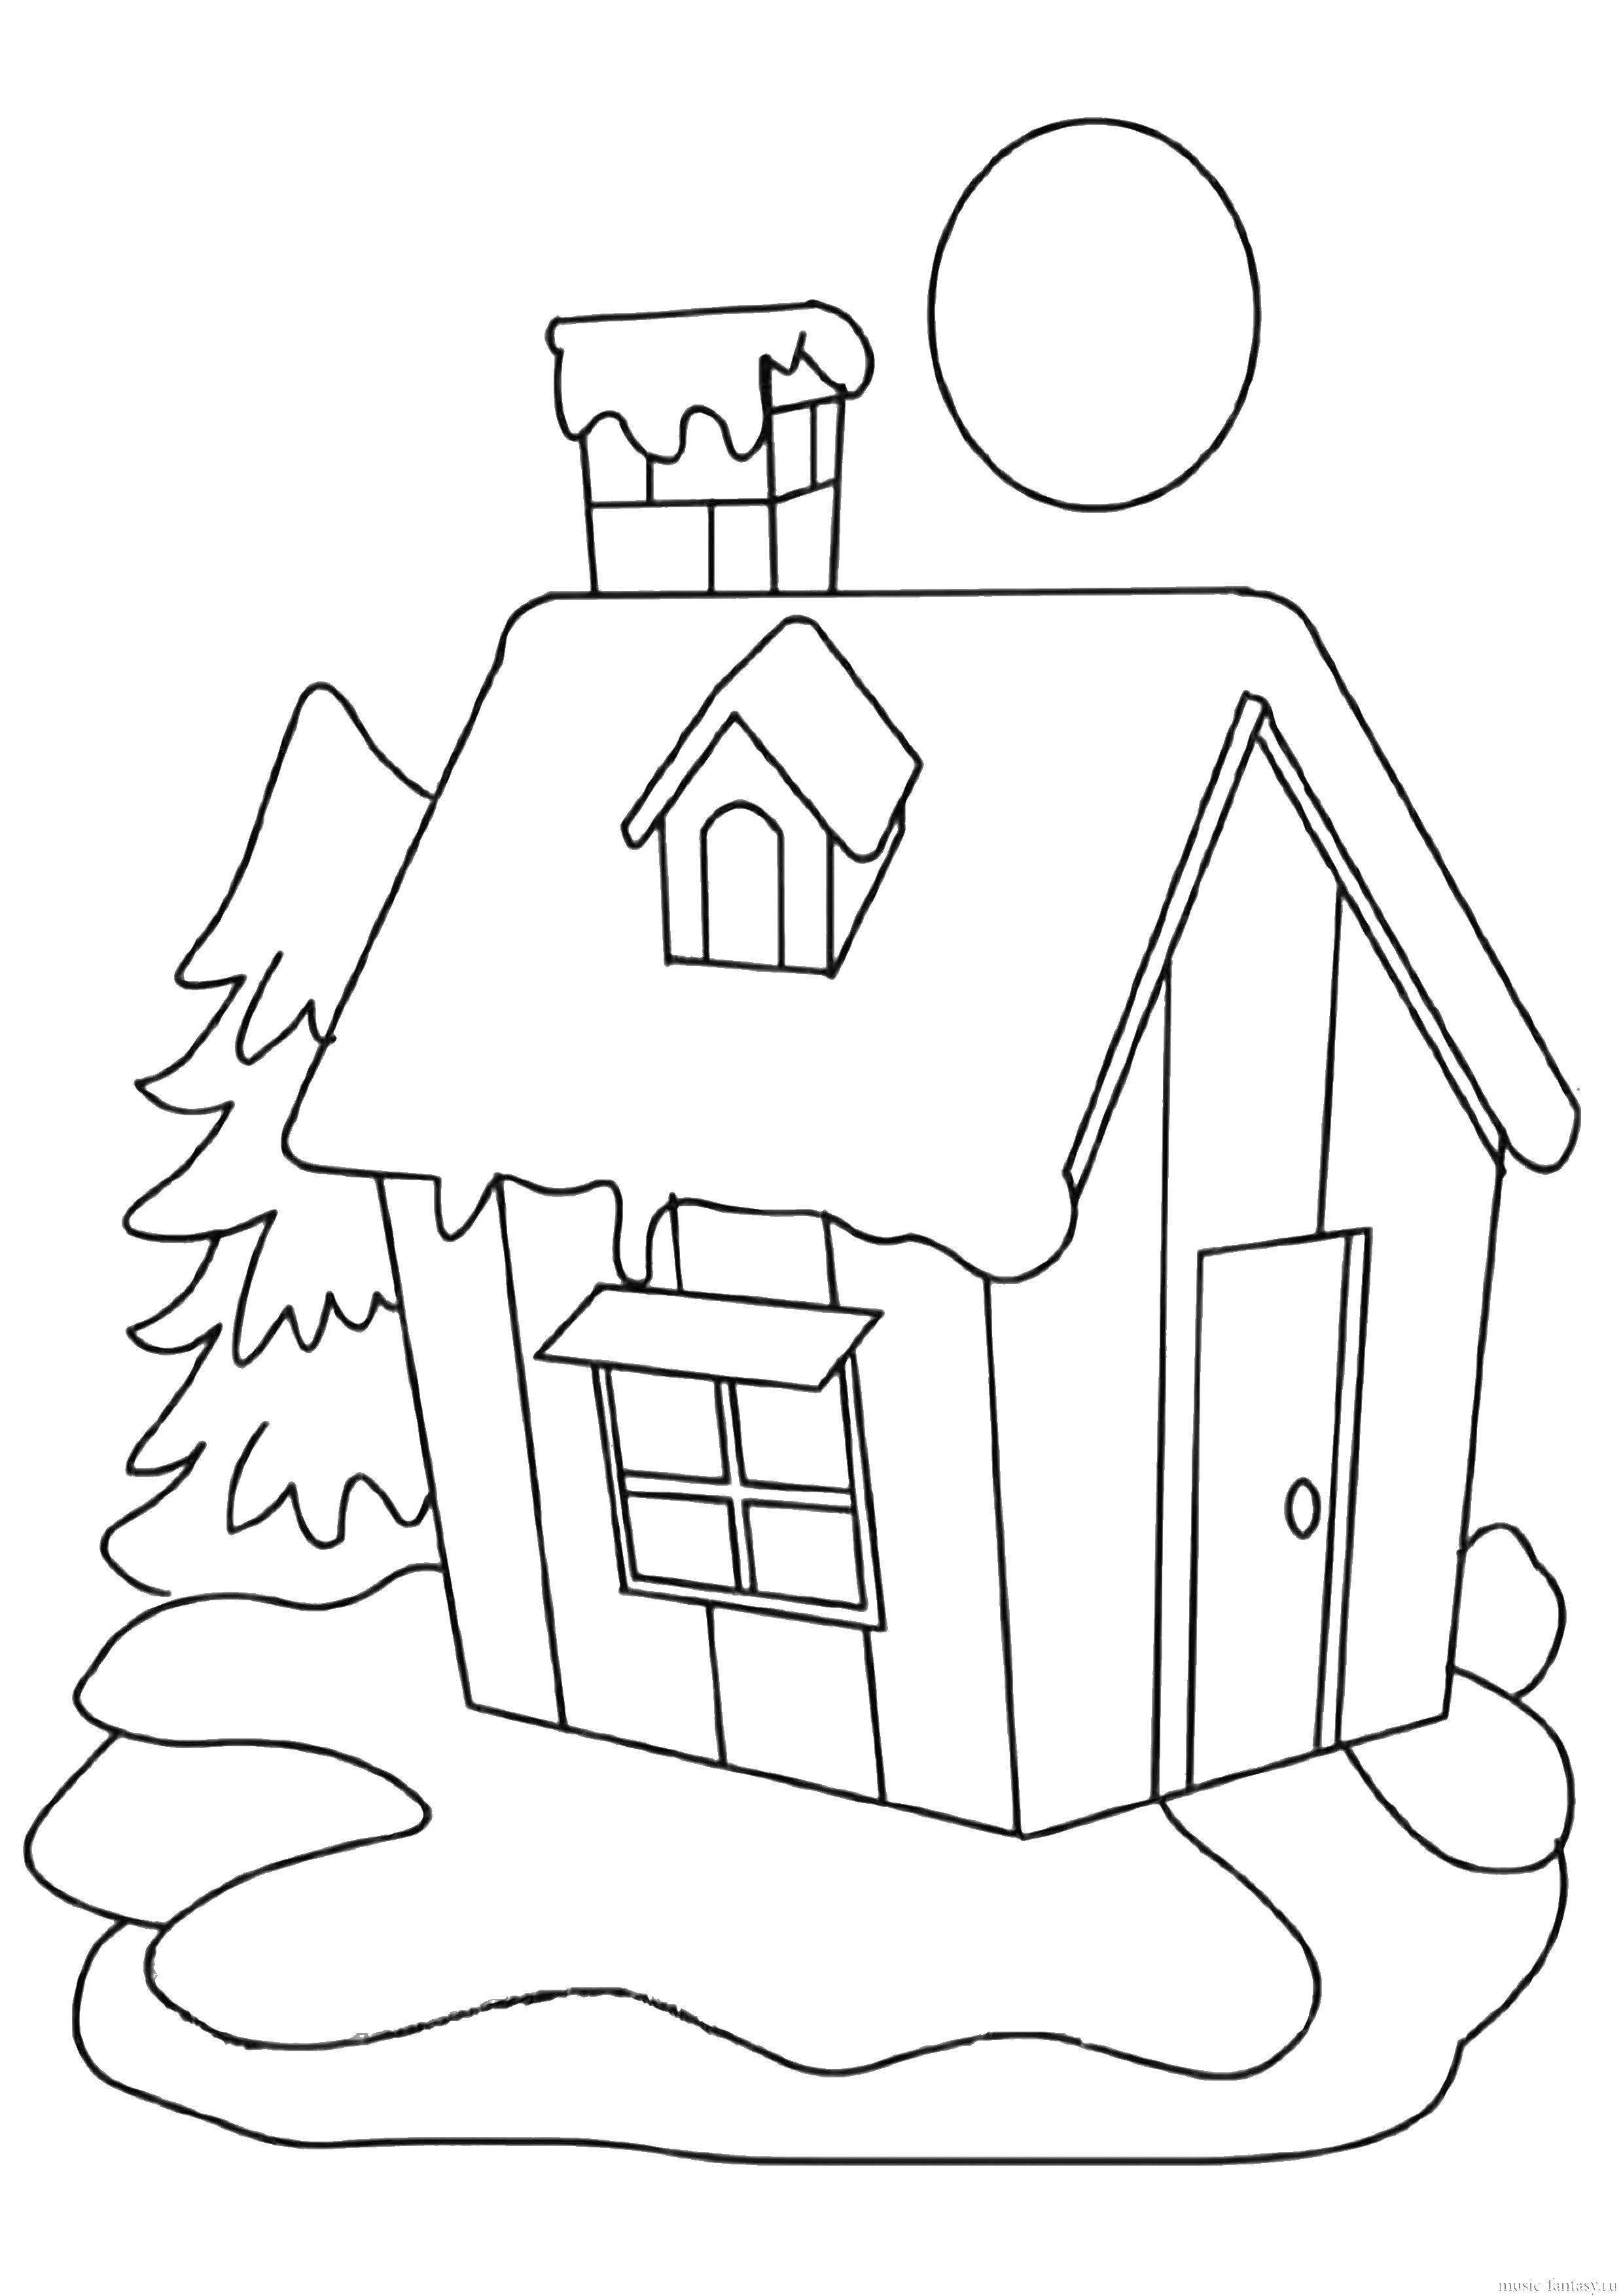 Раскраска Домик в снегу и елка Скачать ,дом, снег, елка,.  Распечатать